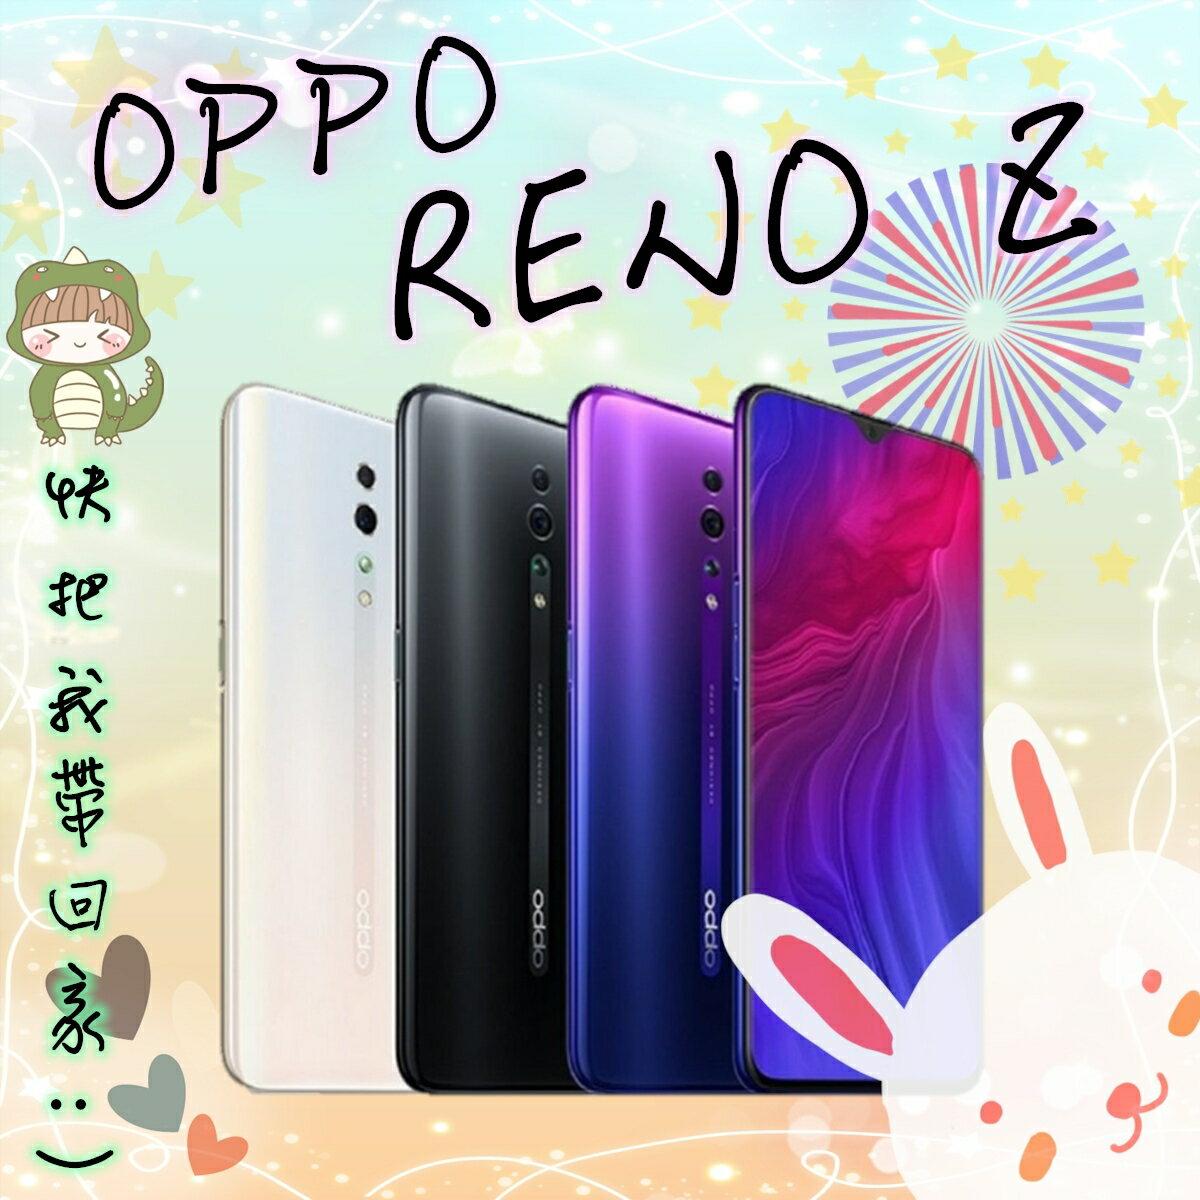 *現貨* RENO Z 8G / 128G 6.4吋 OPPO 宅配隔天到 全新未拆公司貨 原廠保固一年 0